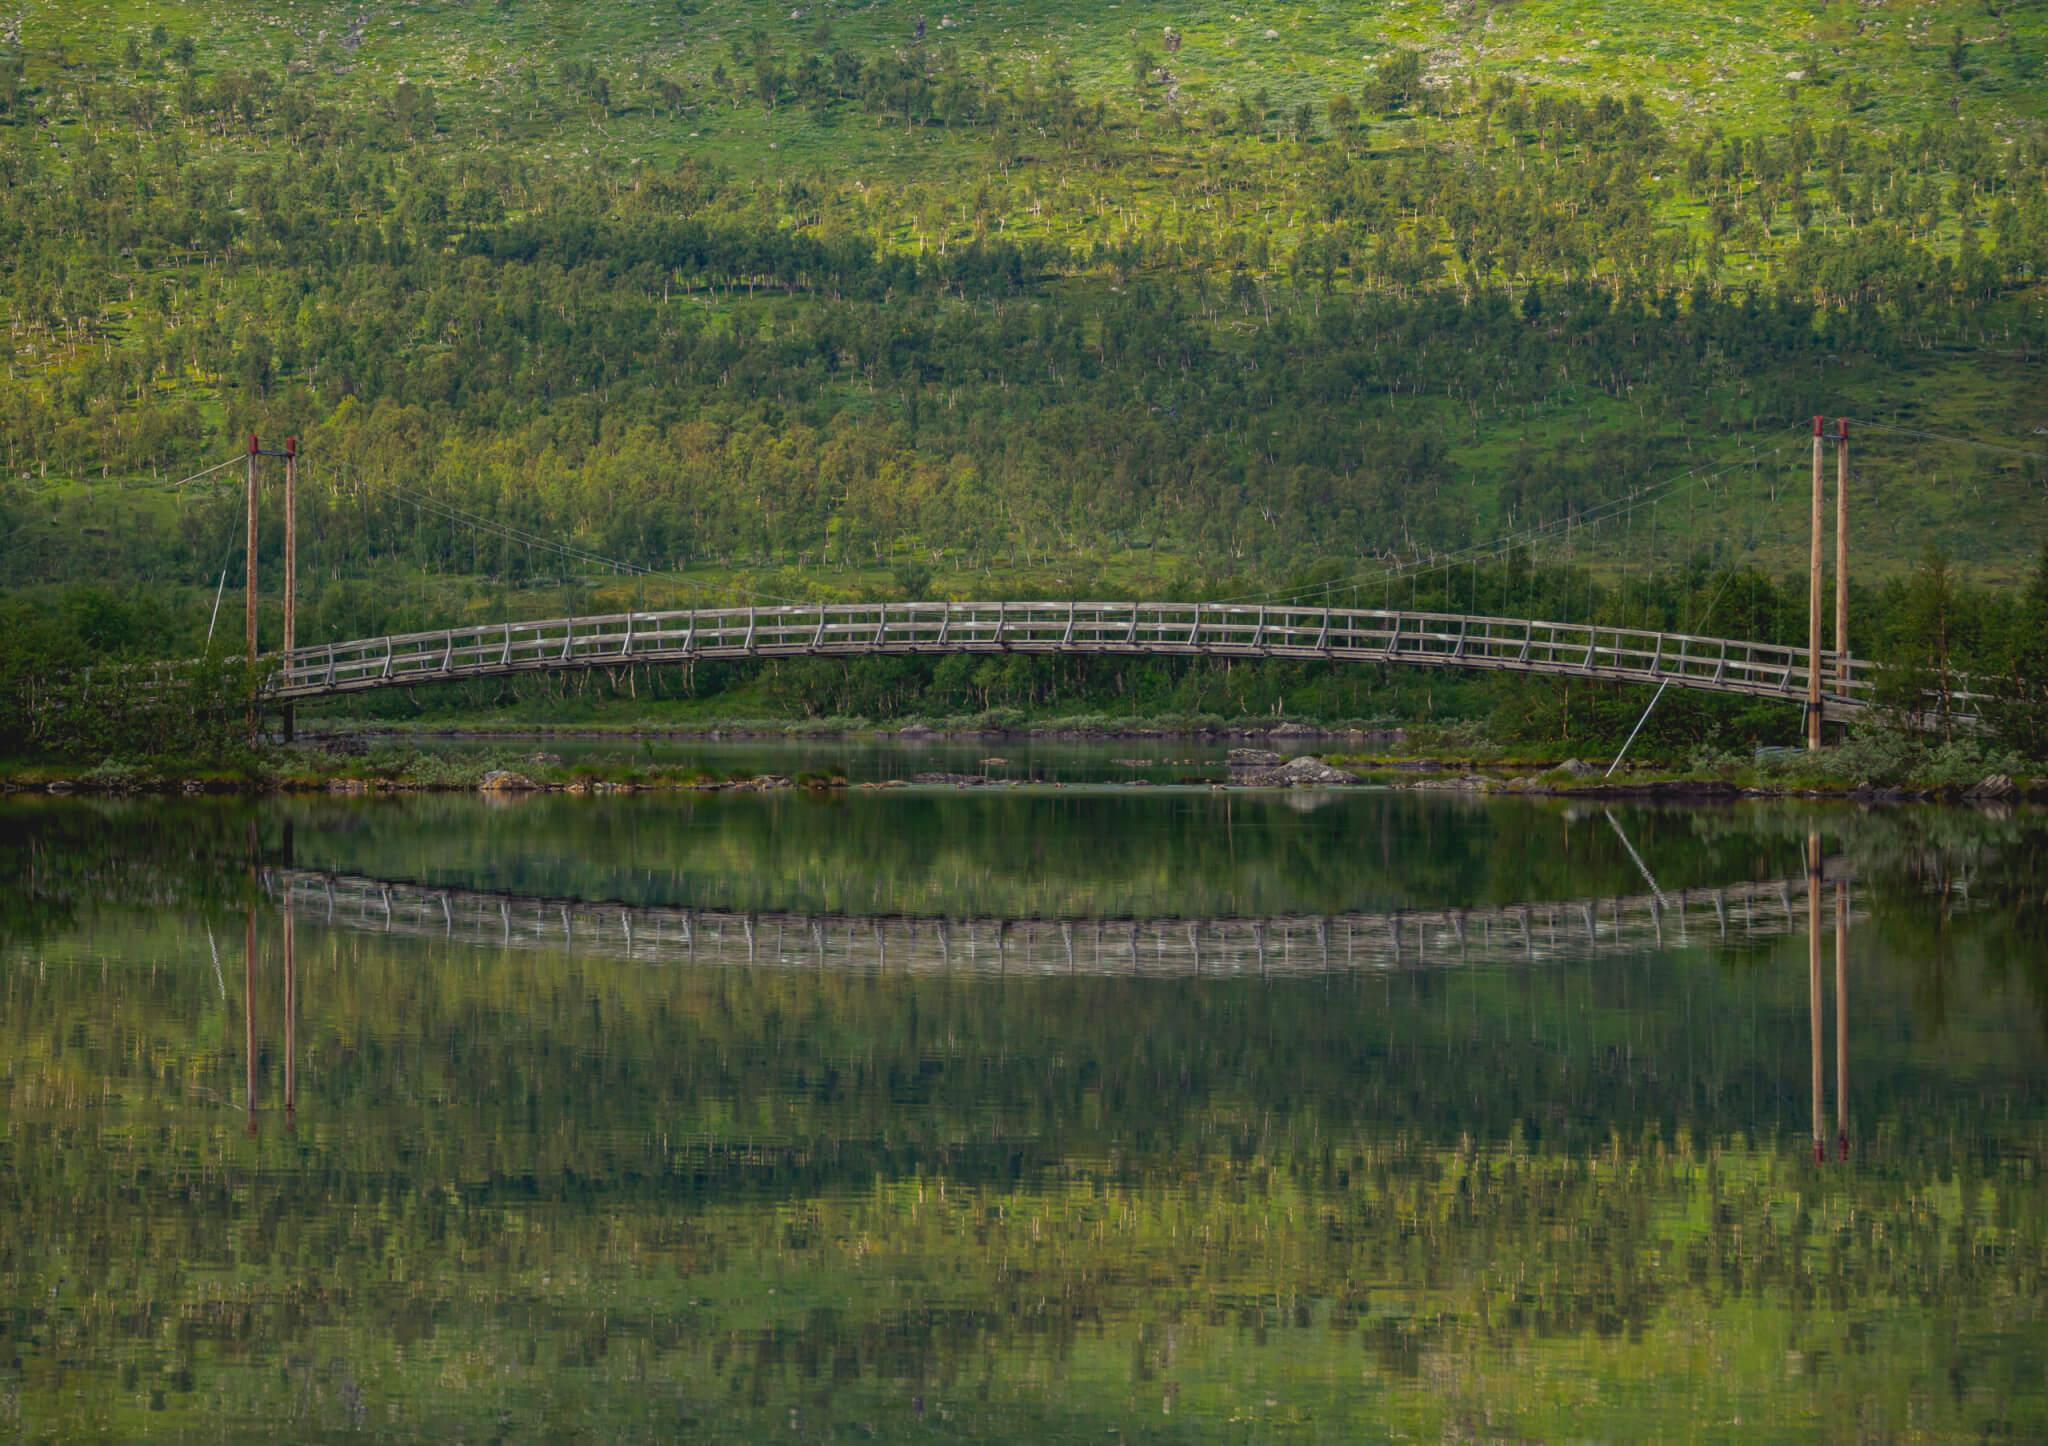 Tärnasjöbro. Bron speglas mot sjö och grön fjällbjörkskog.